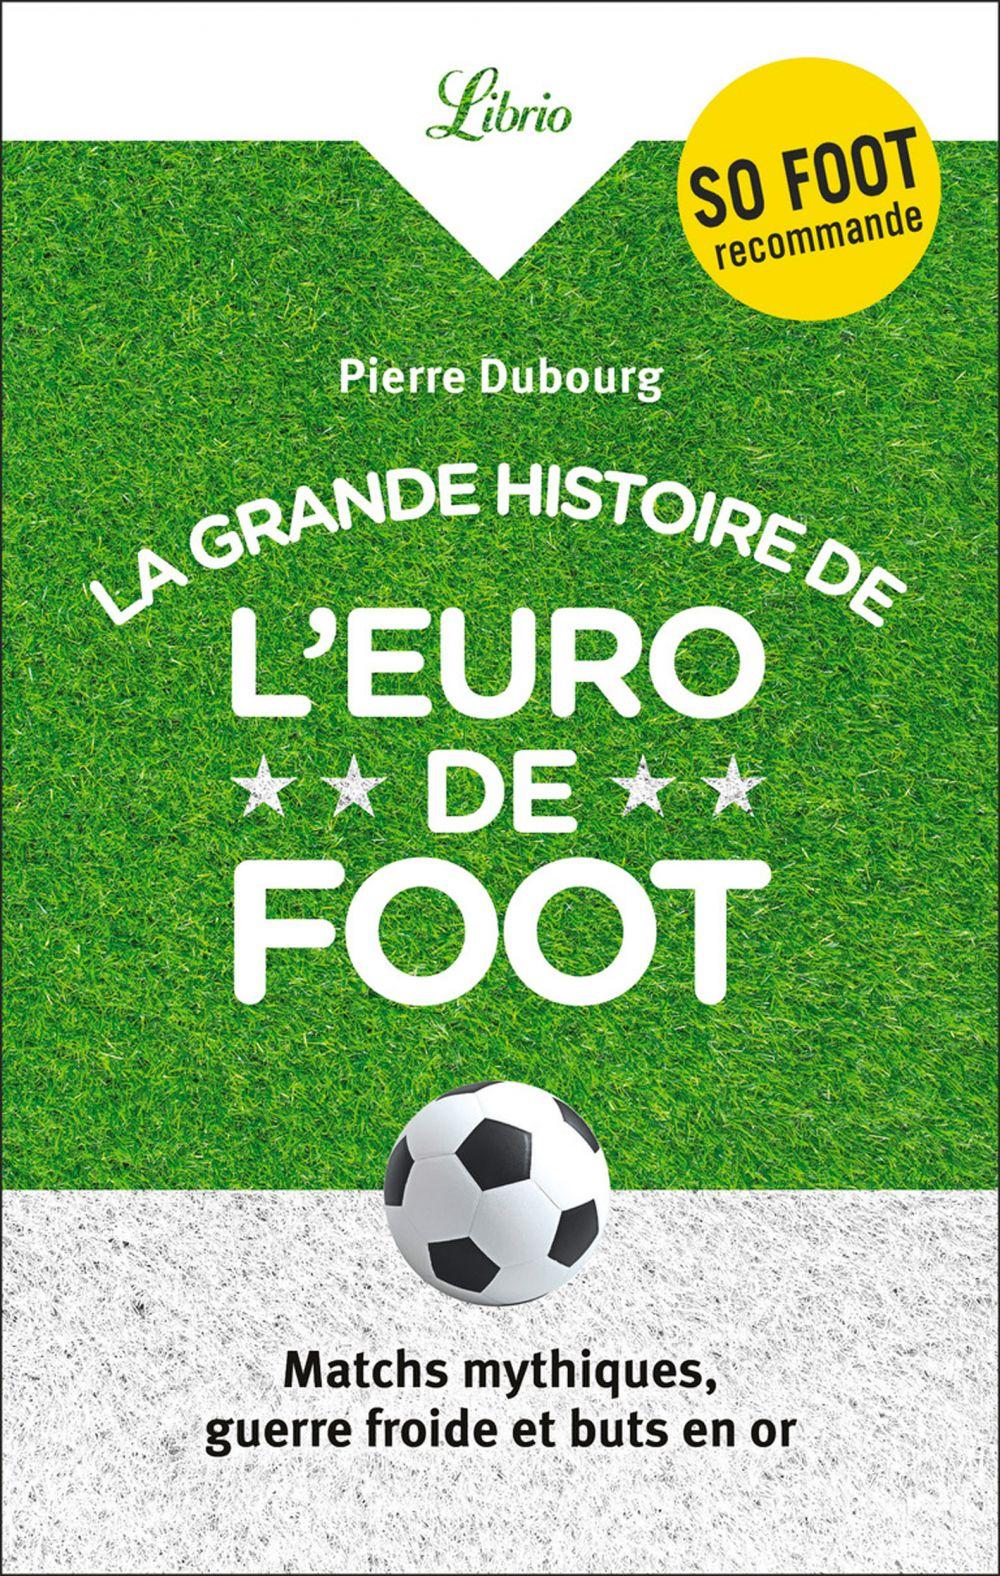 La Grande Histoire de l'Euro de foot   DUBOURG, Pierre. Auteur